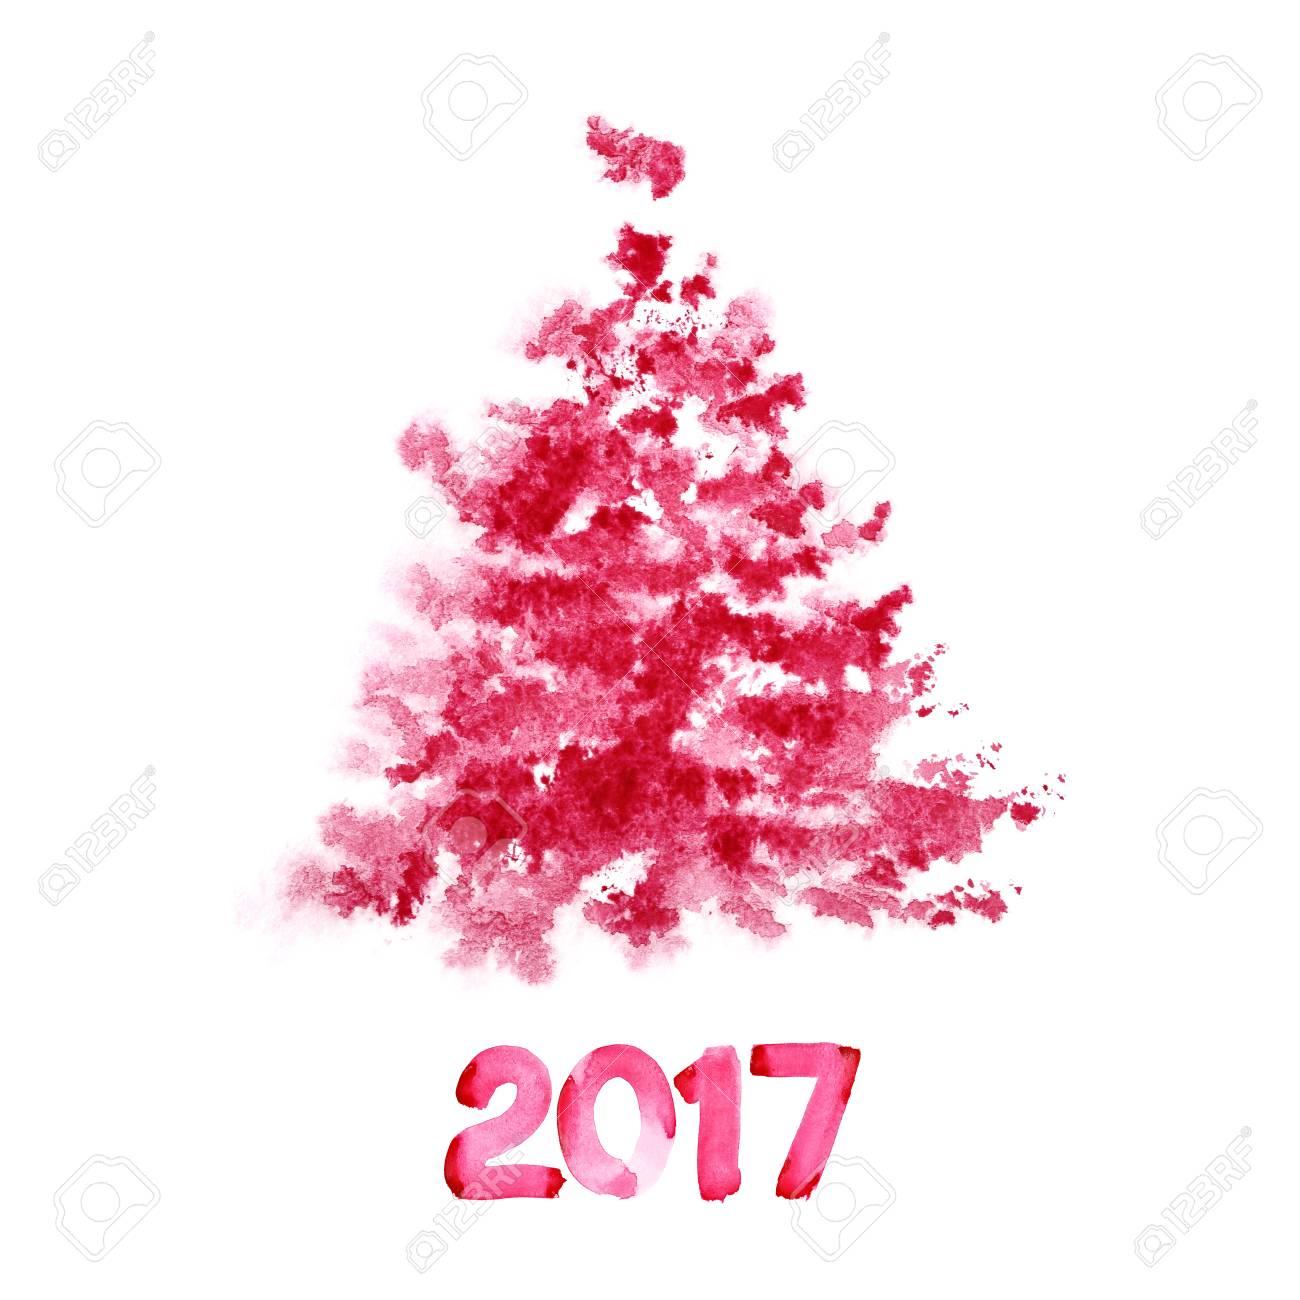 Nouvel an 2017 - Sapin de Noël aquarelle rouge isolé sur fond blanc